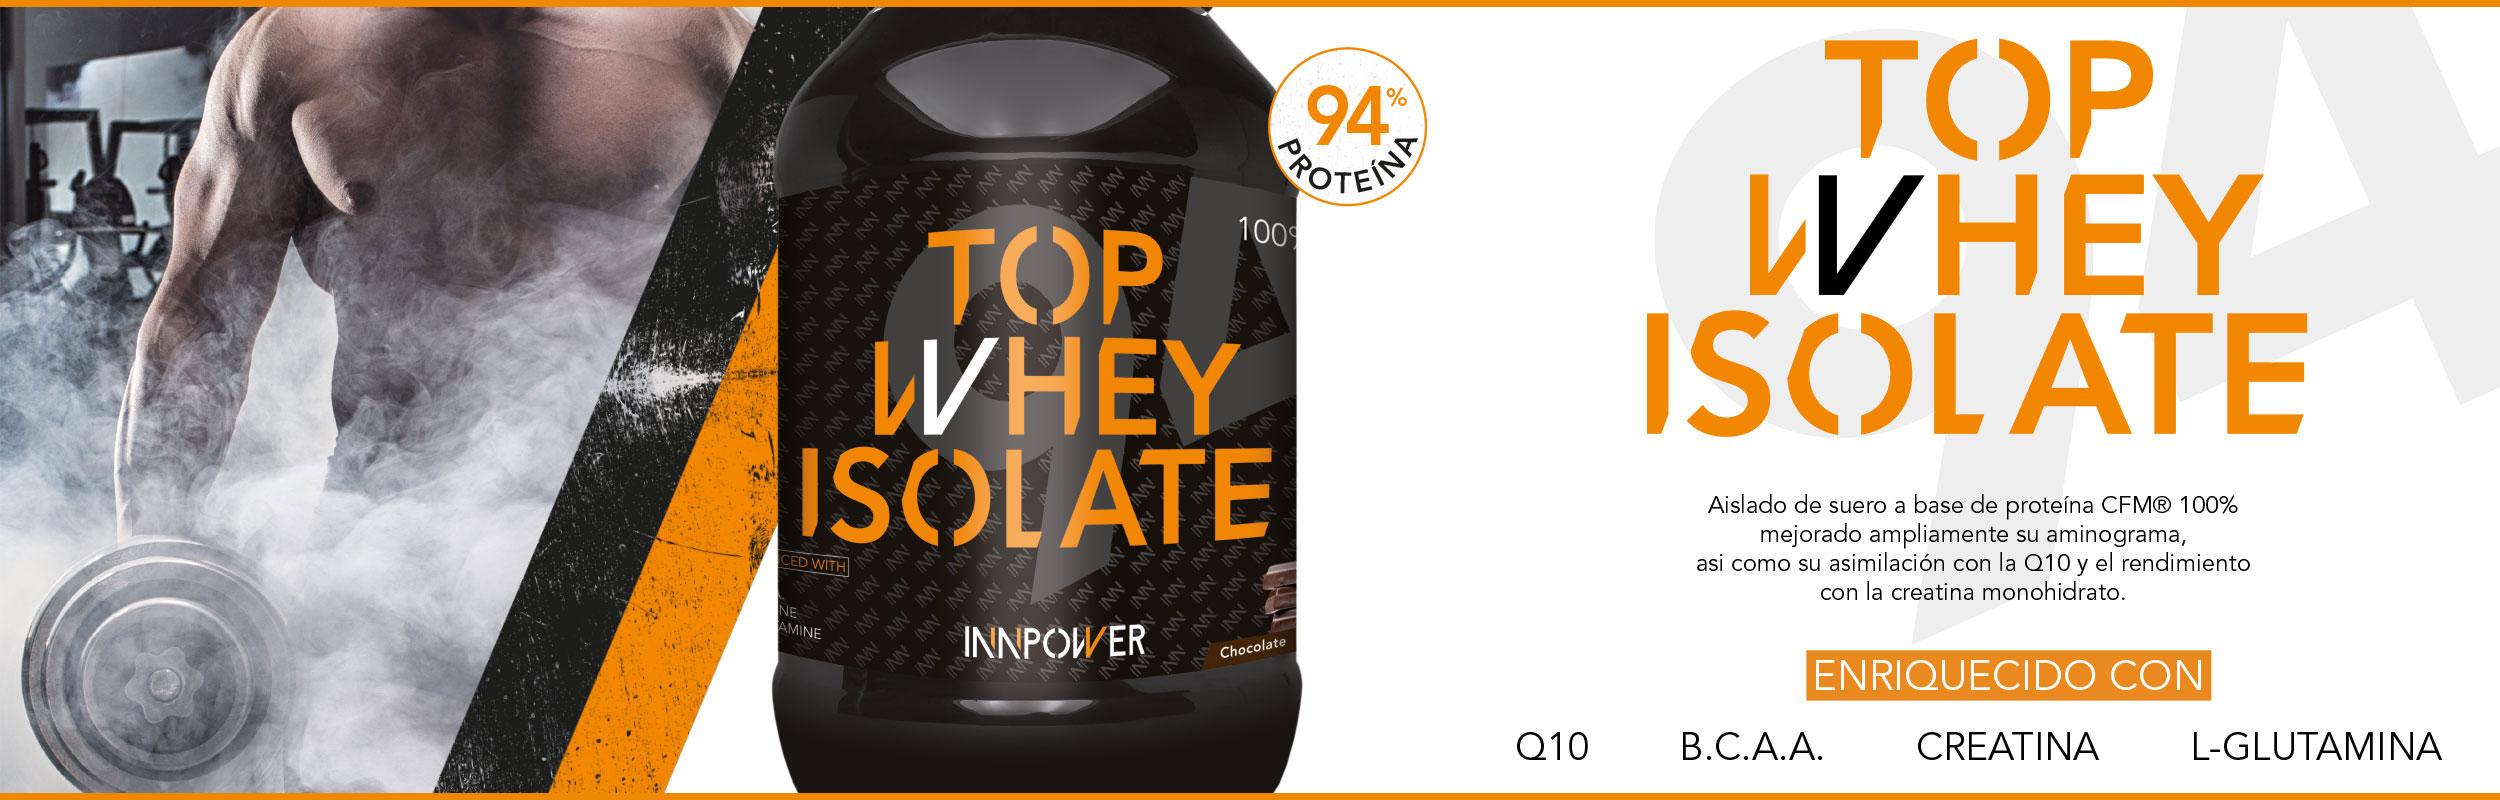 Proteína Top whey isolate 94